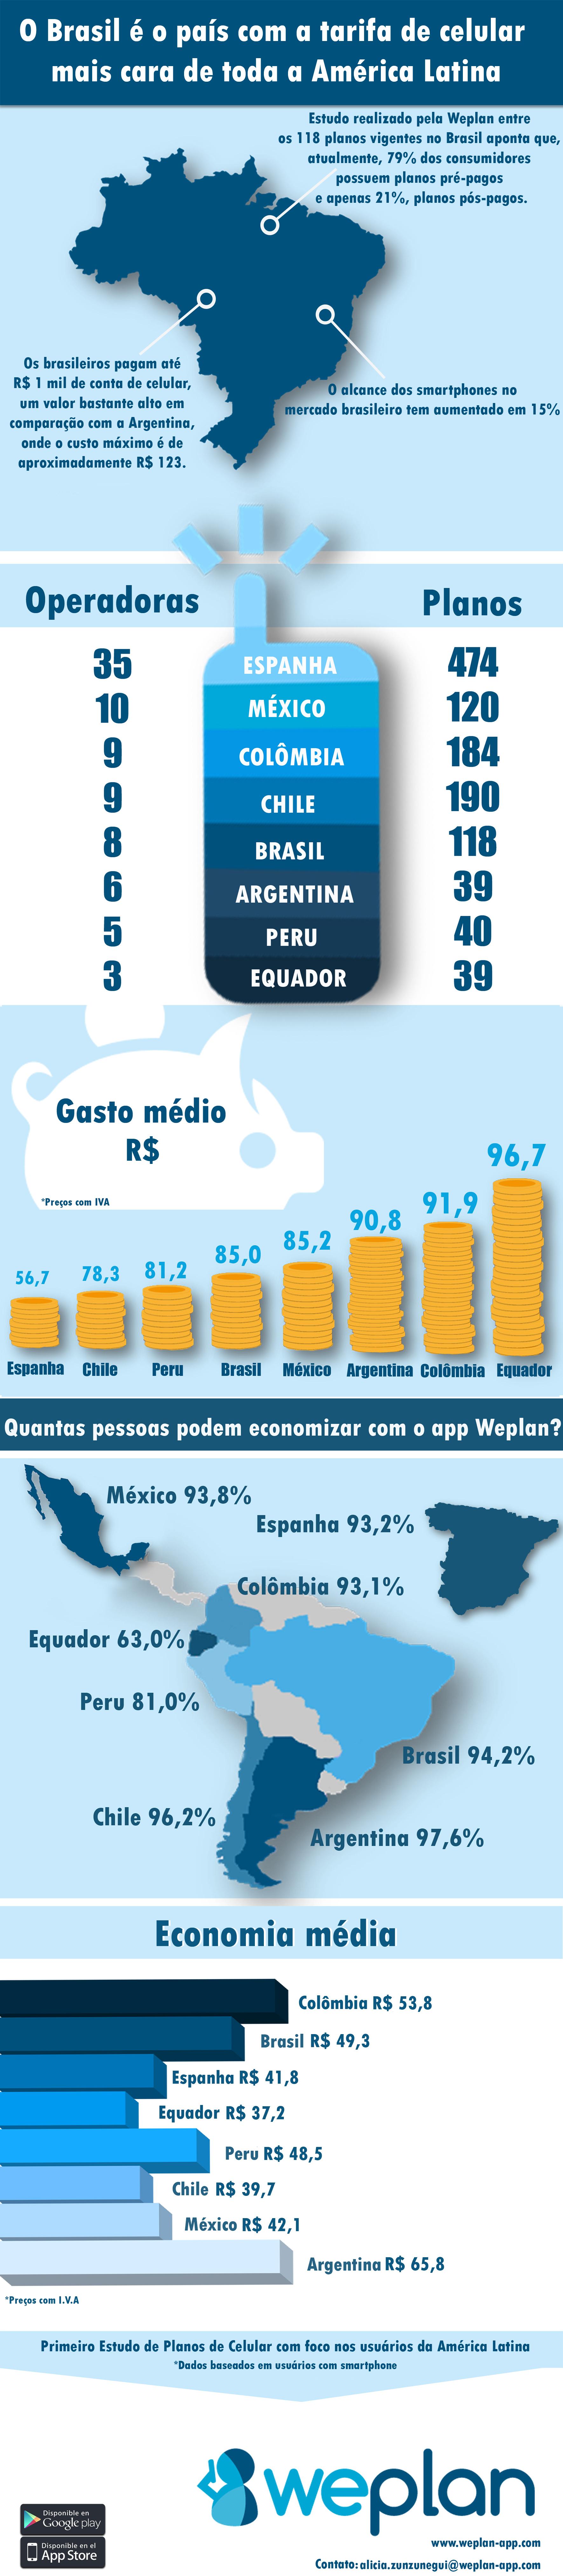 Brasil tem a tarifa de celular mais cara em toda a América Latina